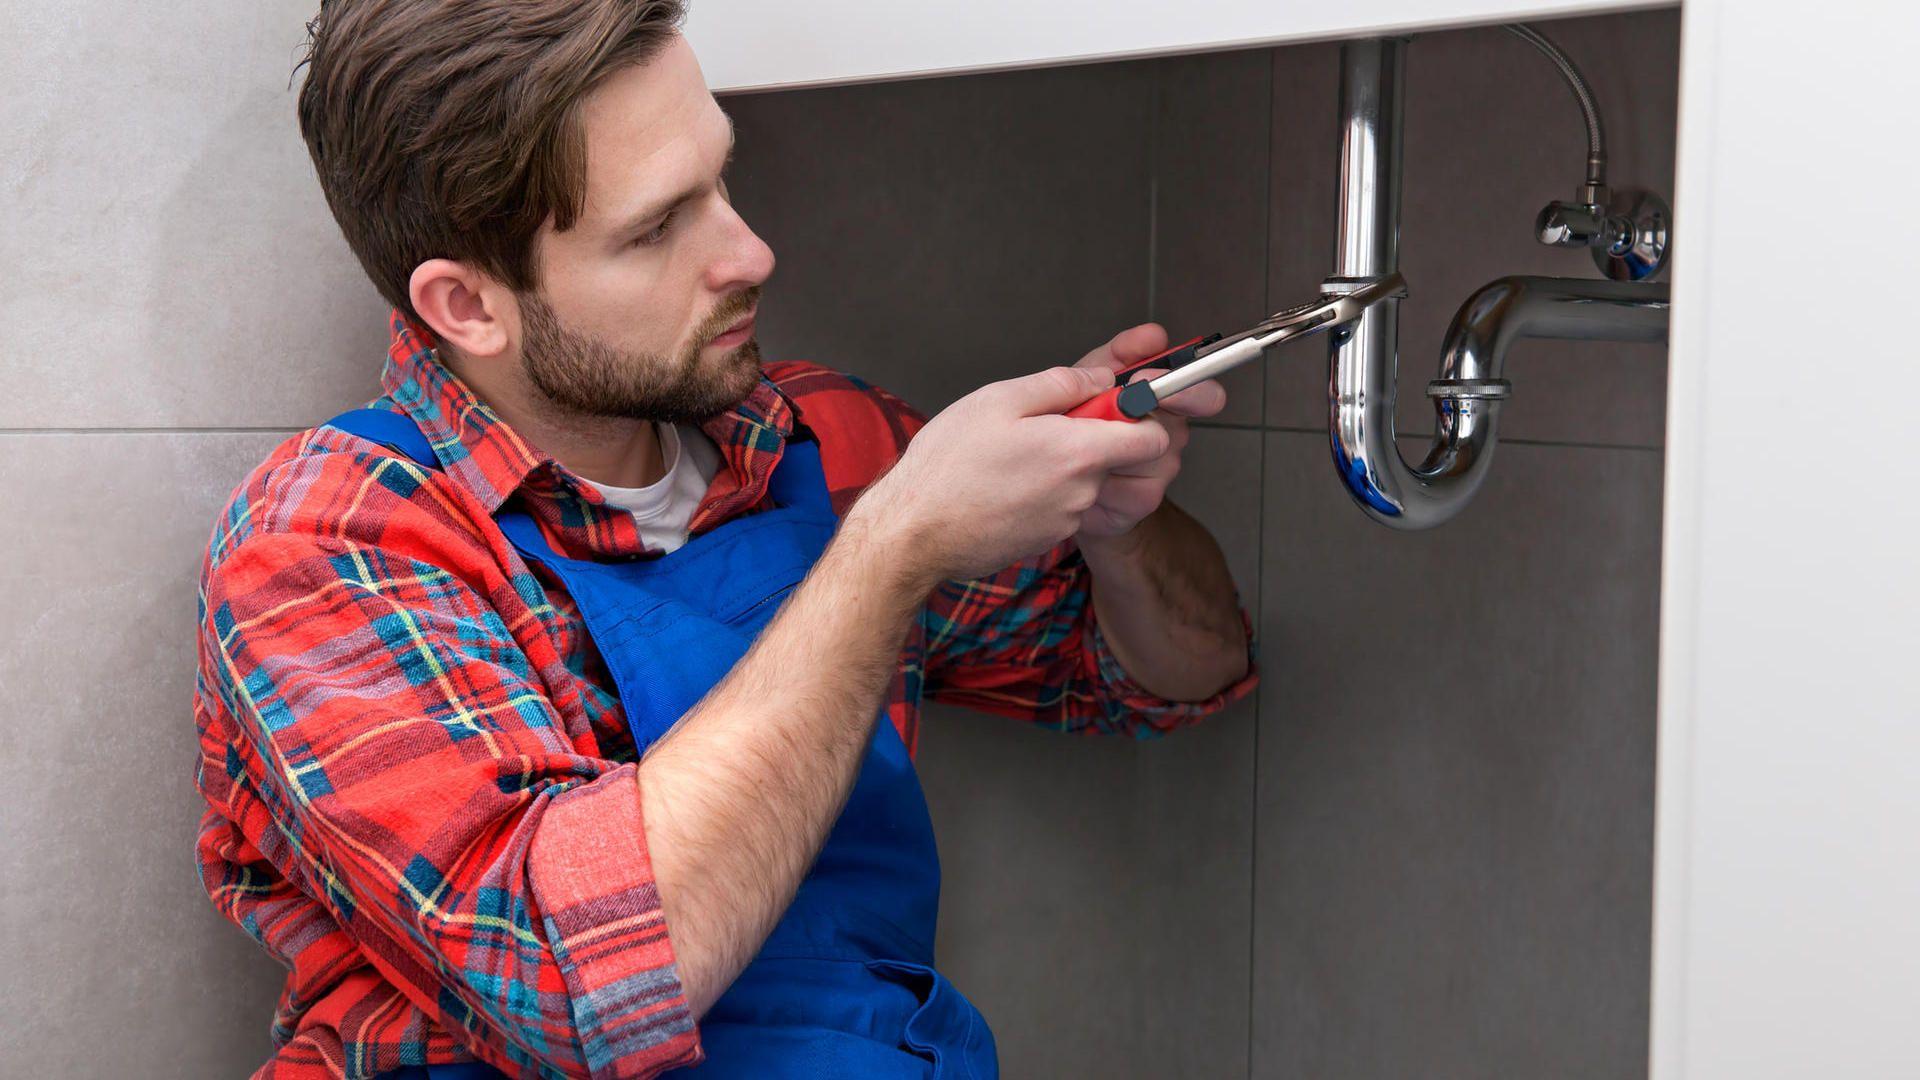 Badezimmer abfluss verstopft great dreilo haar abfluss verstopfen remover stk cm ablassen snake - Zimmer stinkt was tun ...